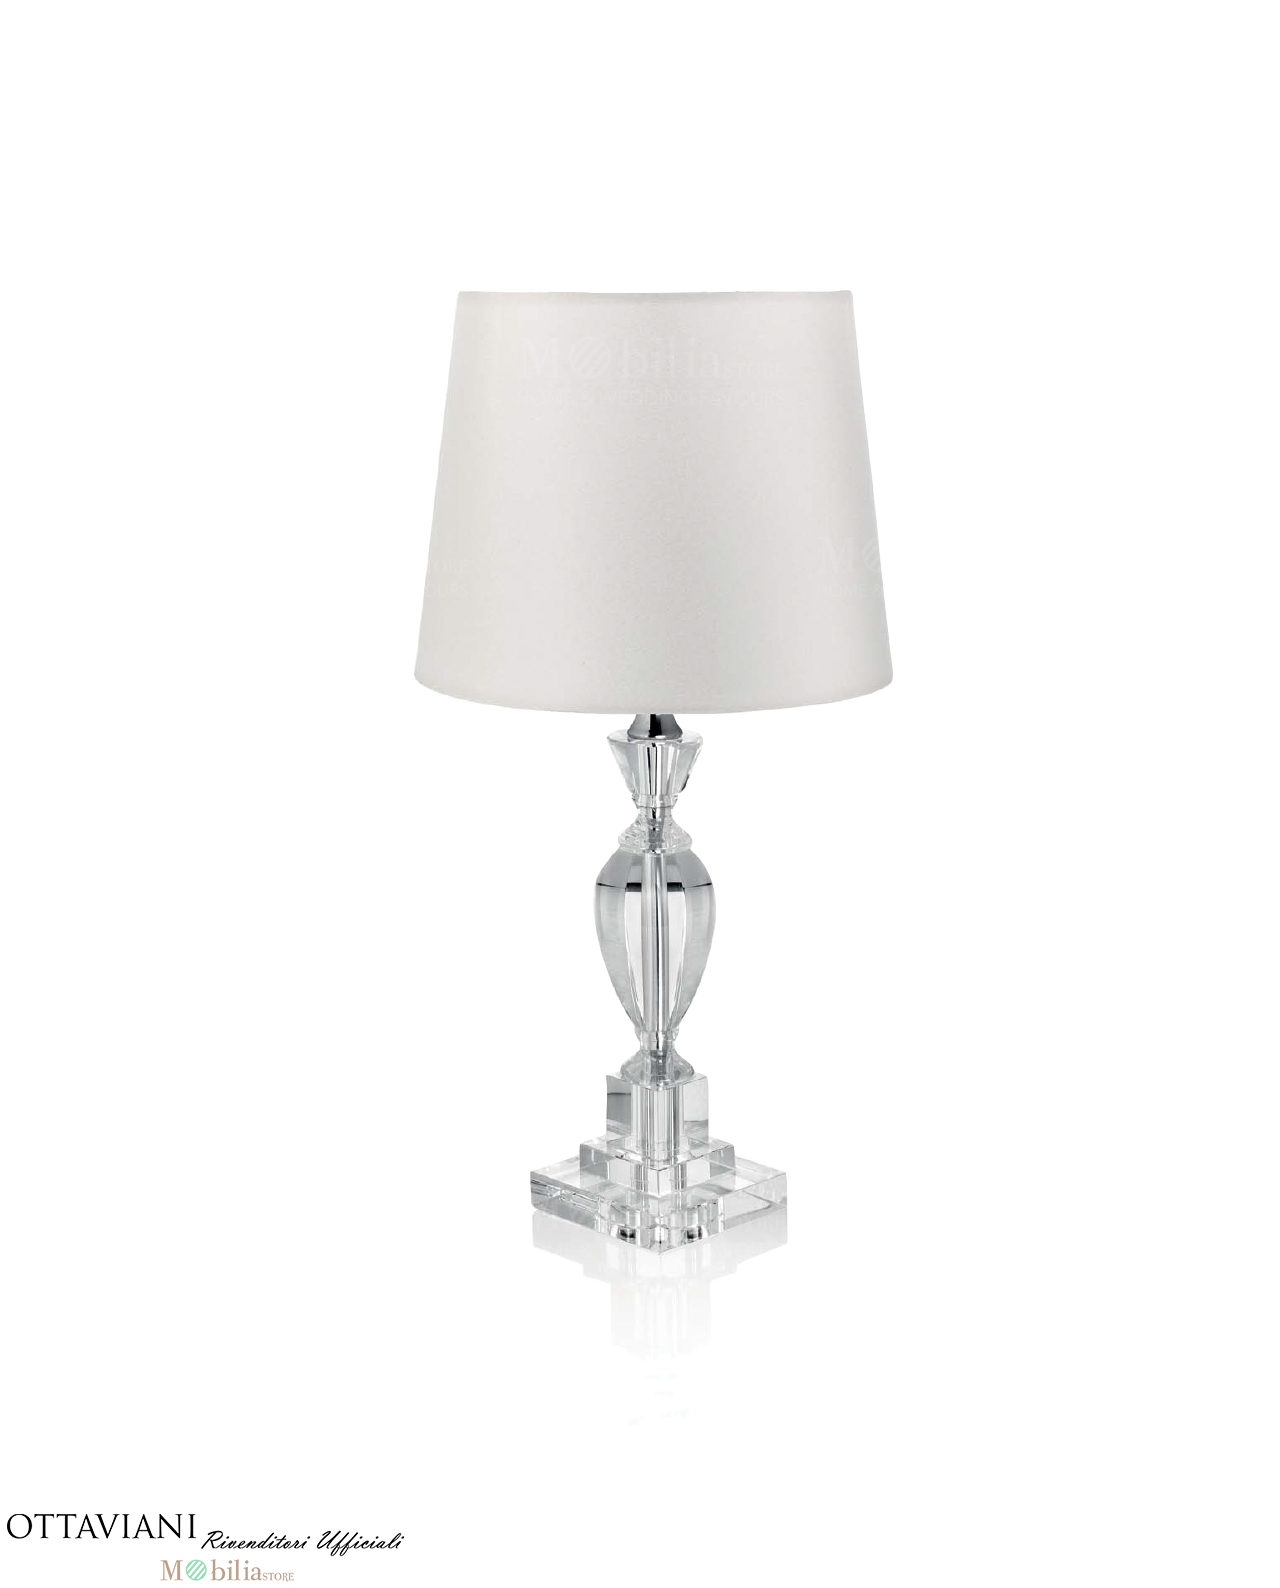 Lampada Da Tavolo Mod 559 : Lampada cristallo ottaviani da tavolo modello bella